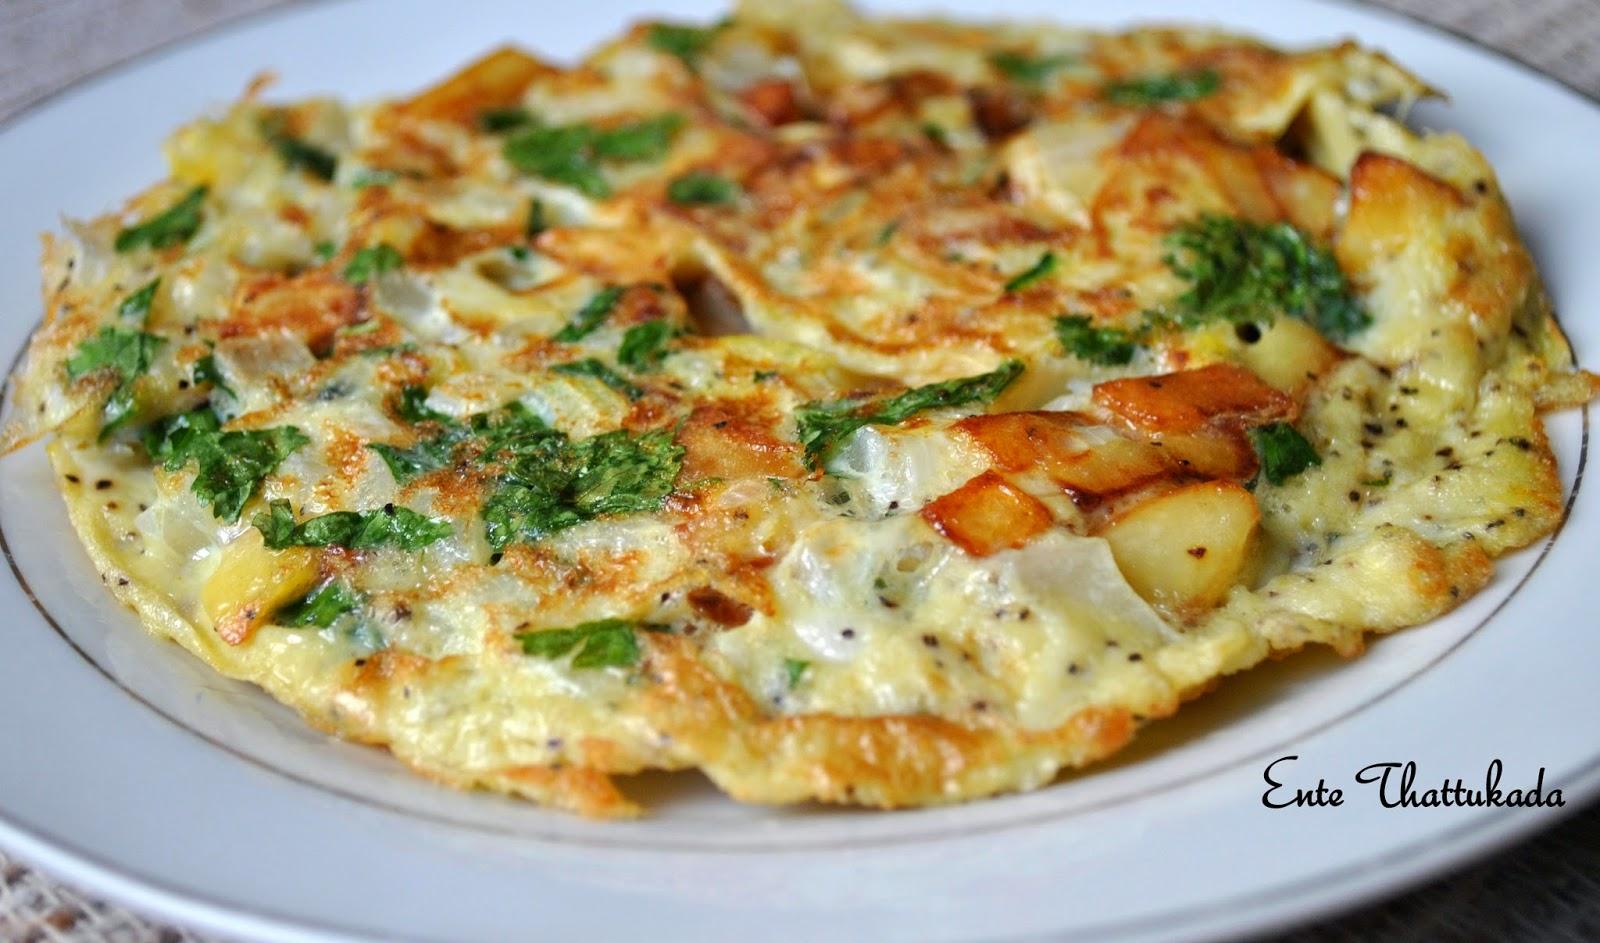 Ente ThattukadaSpanish Omelette